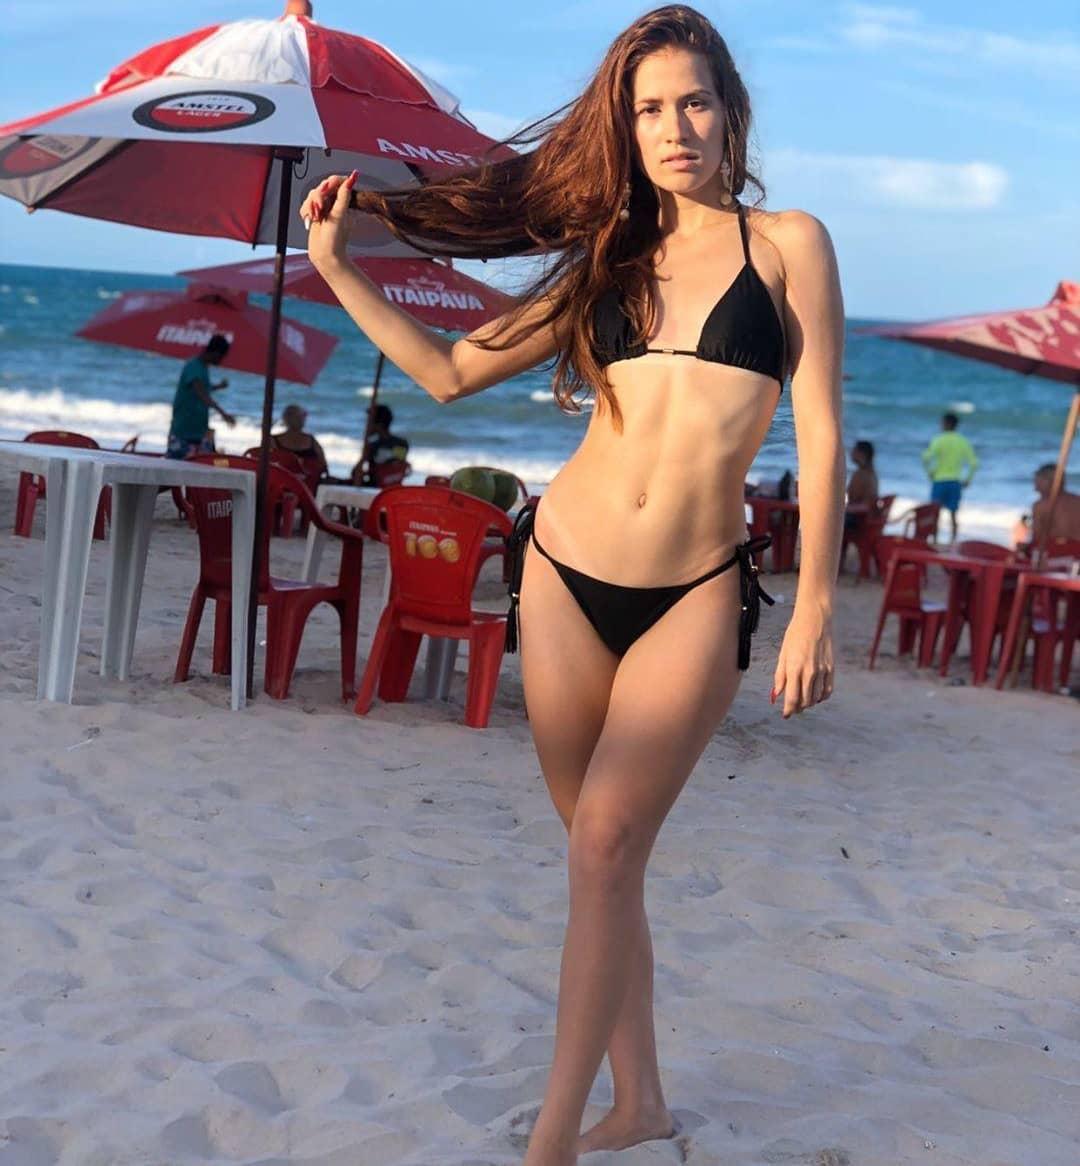 thelena rodrigues, vice miss ceara latina 2020. 81409410